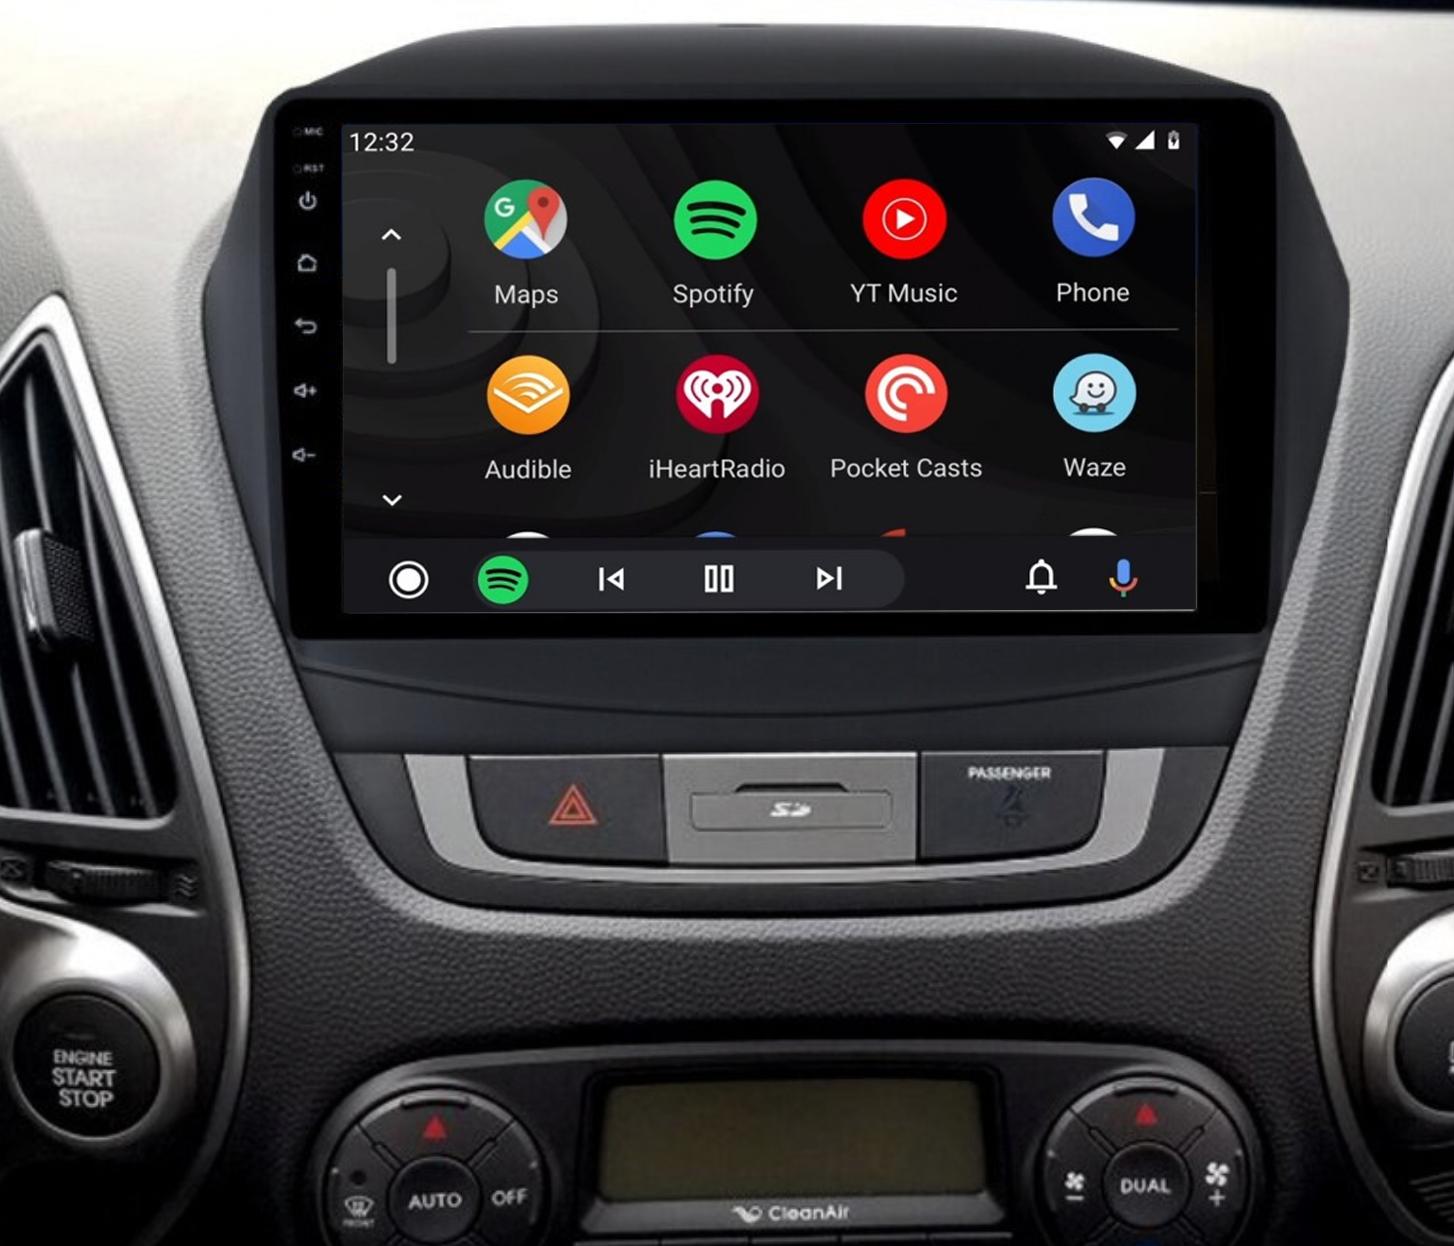 Ecran tactile QLED Android 11.0 + Apple Carplay sans fil Hyundai IX35 de 2010 à 2013